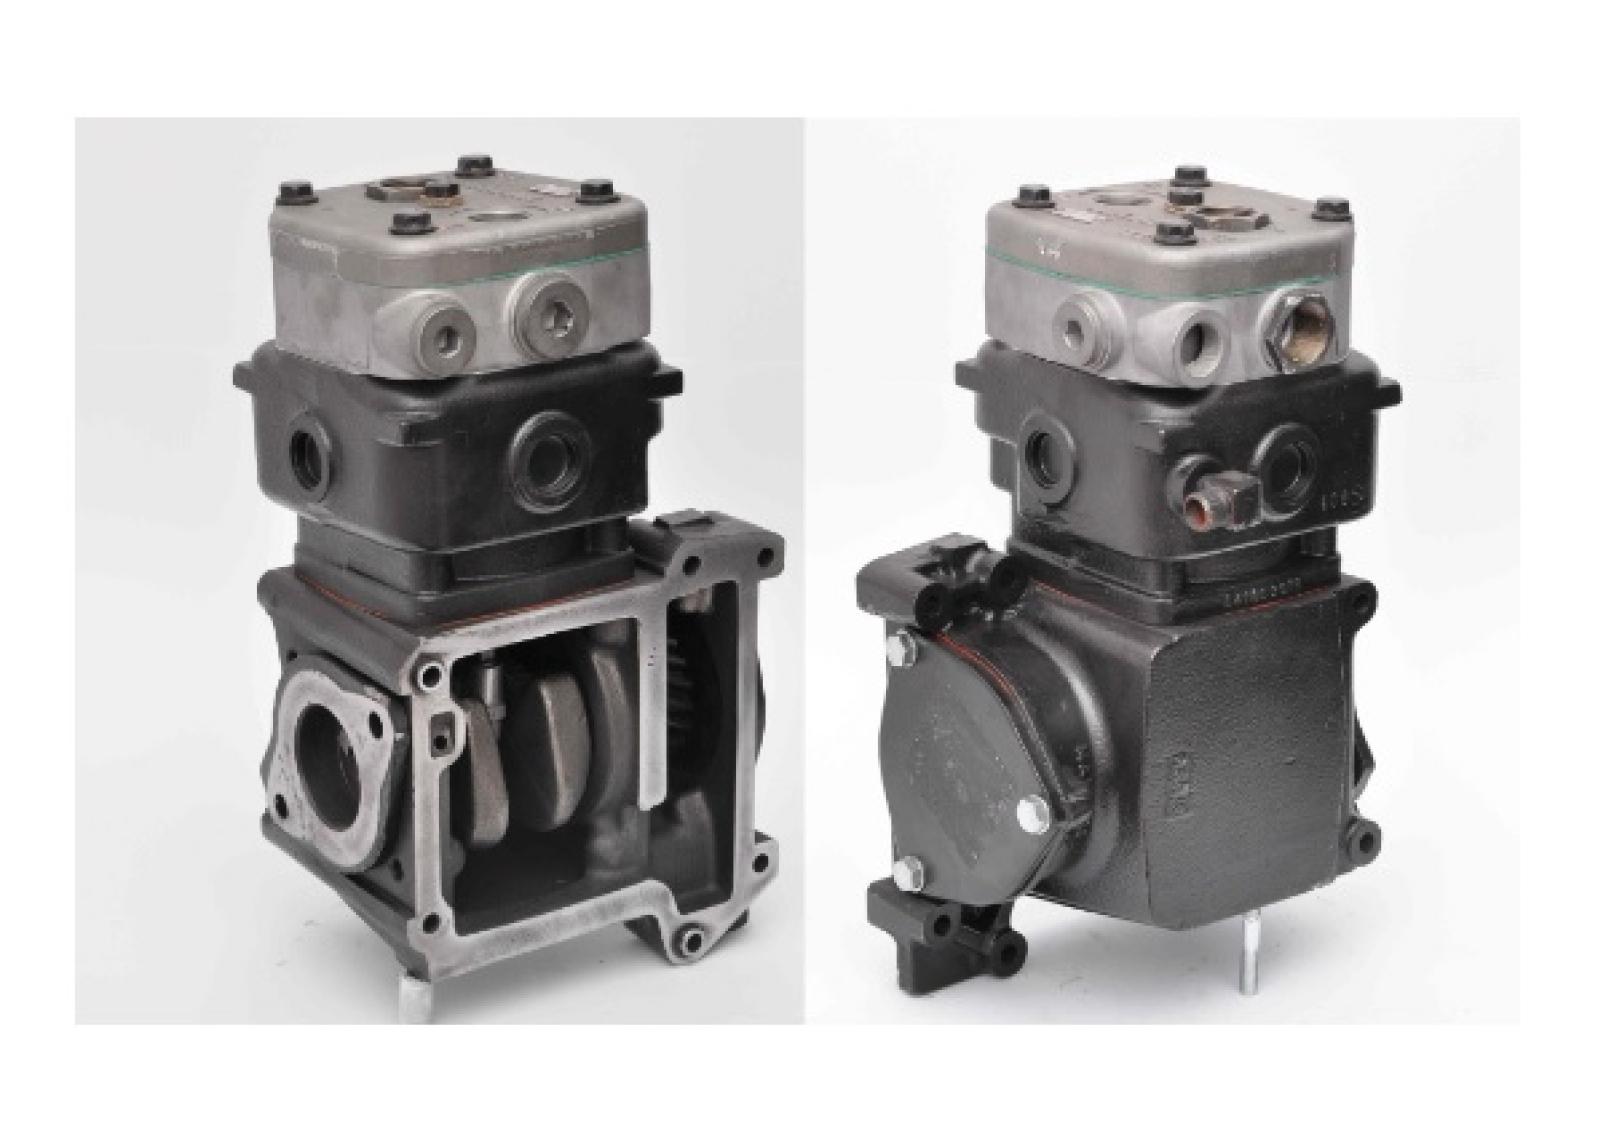 Air Compressor for Man, 51541006011, 51541007025, 51541006013, 51541007129, 51541006015, 51541007177, 51541007182